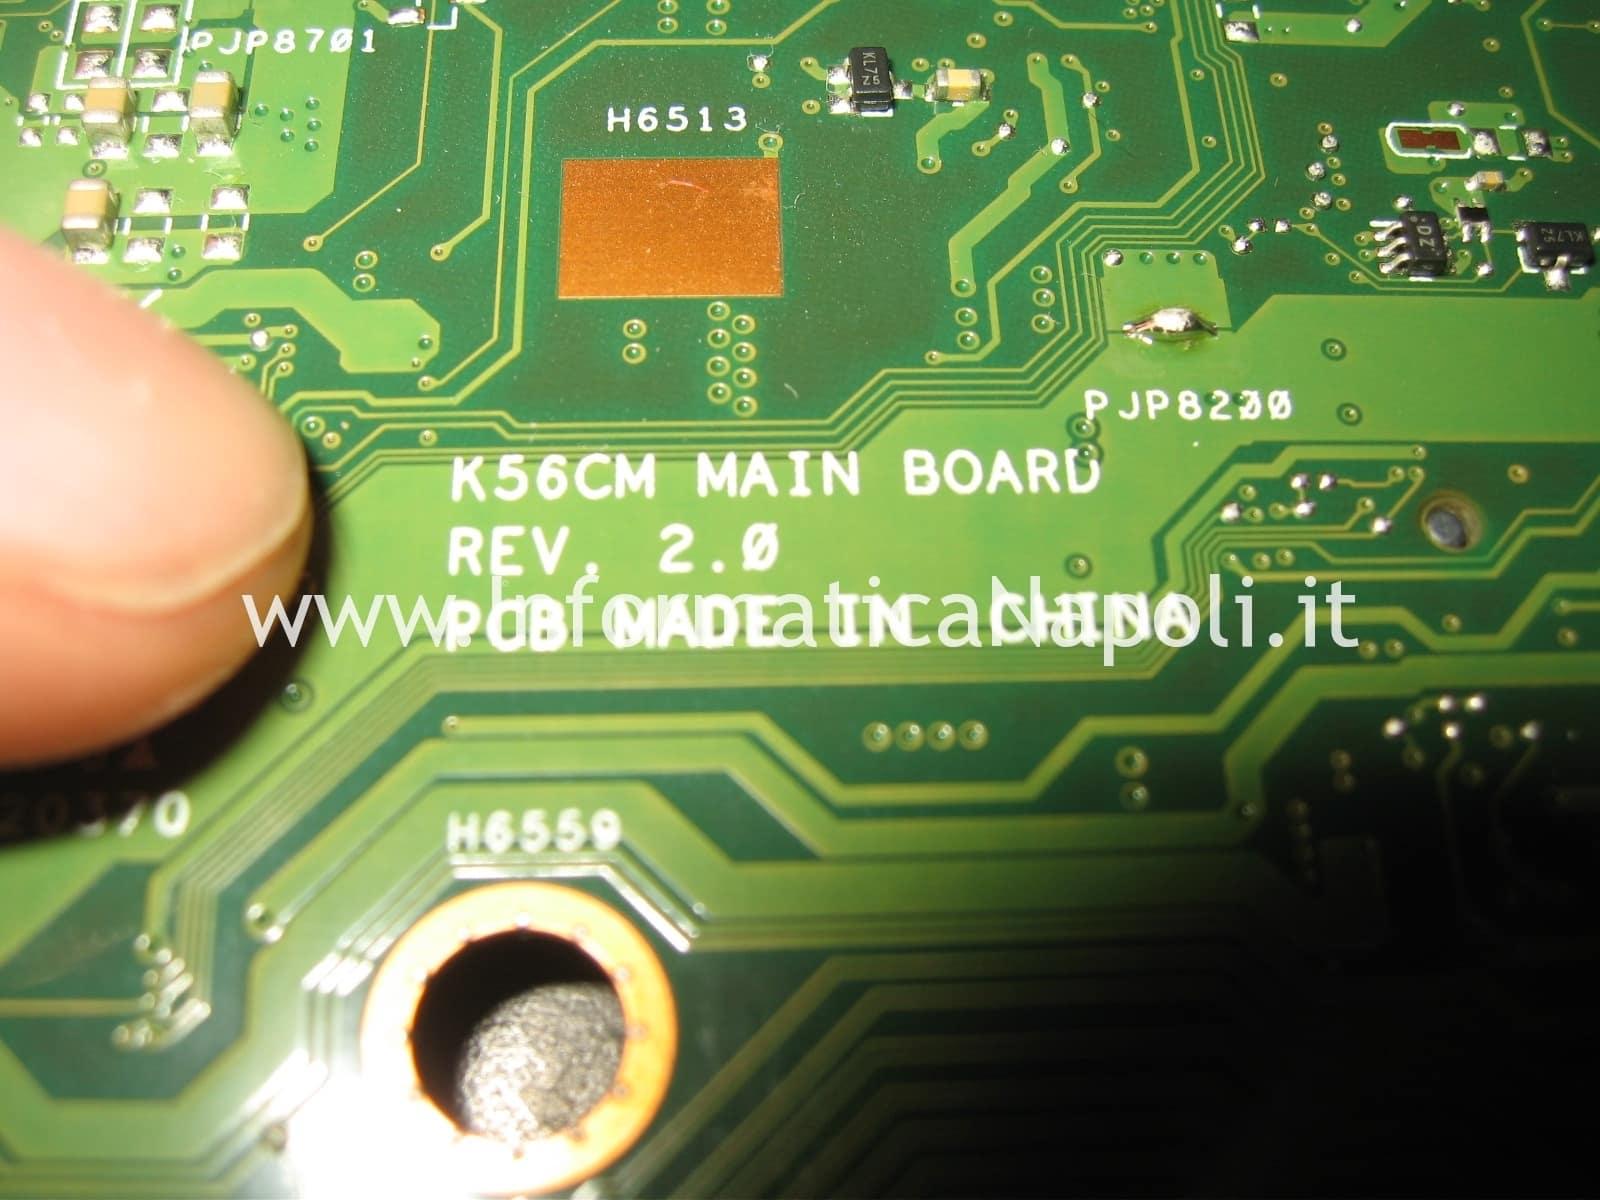 probleba Winbond W25Q64 bios Asus K56CM non si accende